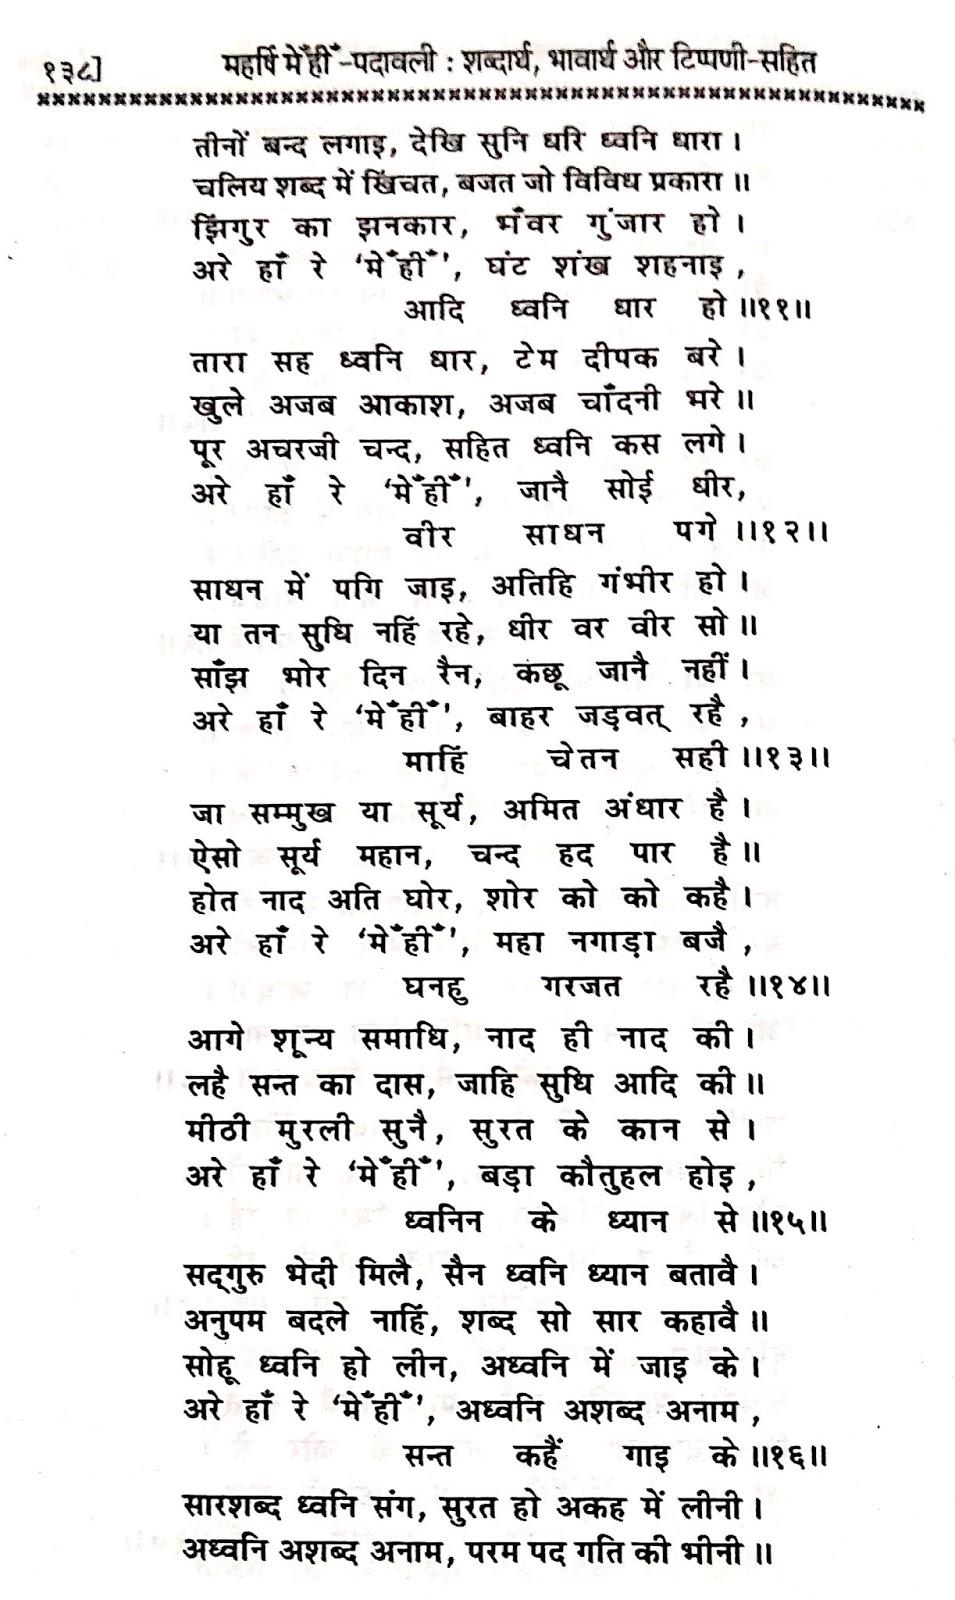 """P44, (क) The essence of saintmat meditation   """"संतमते एक ही बात।..."""" महर्षि मेंहीं पदावली (अरिल) अर्थ सहित/सत्संग ध्यान। पदावली भजन 44, संतमत का सार।"""